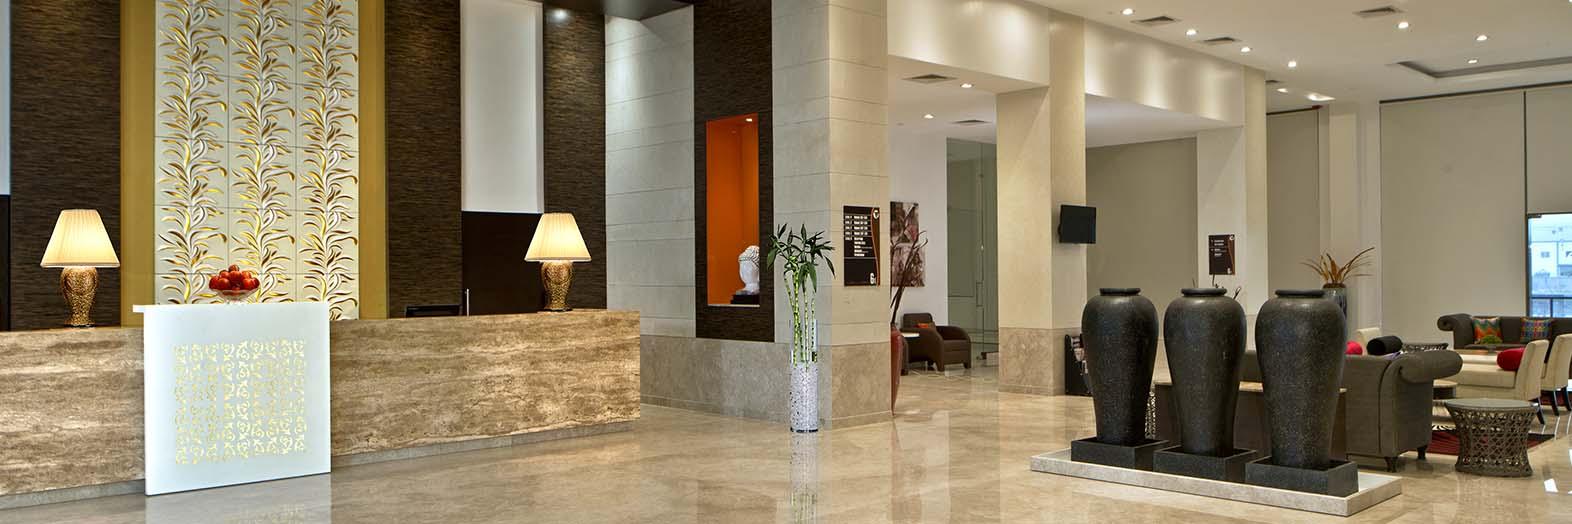 Hotels in Dahez SEZ - Fortune Park Dahej